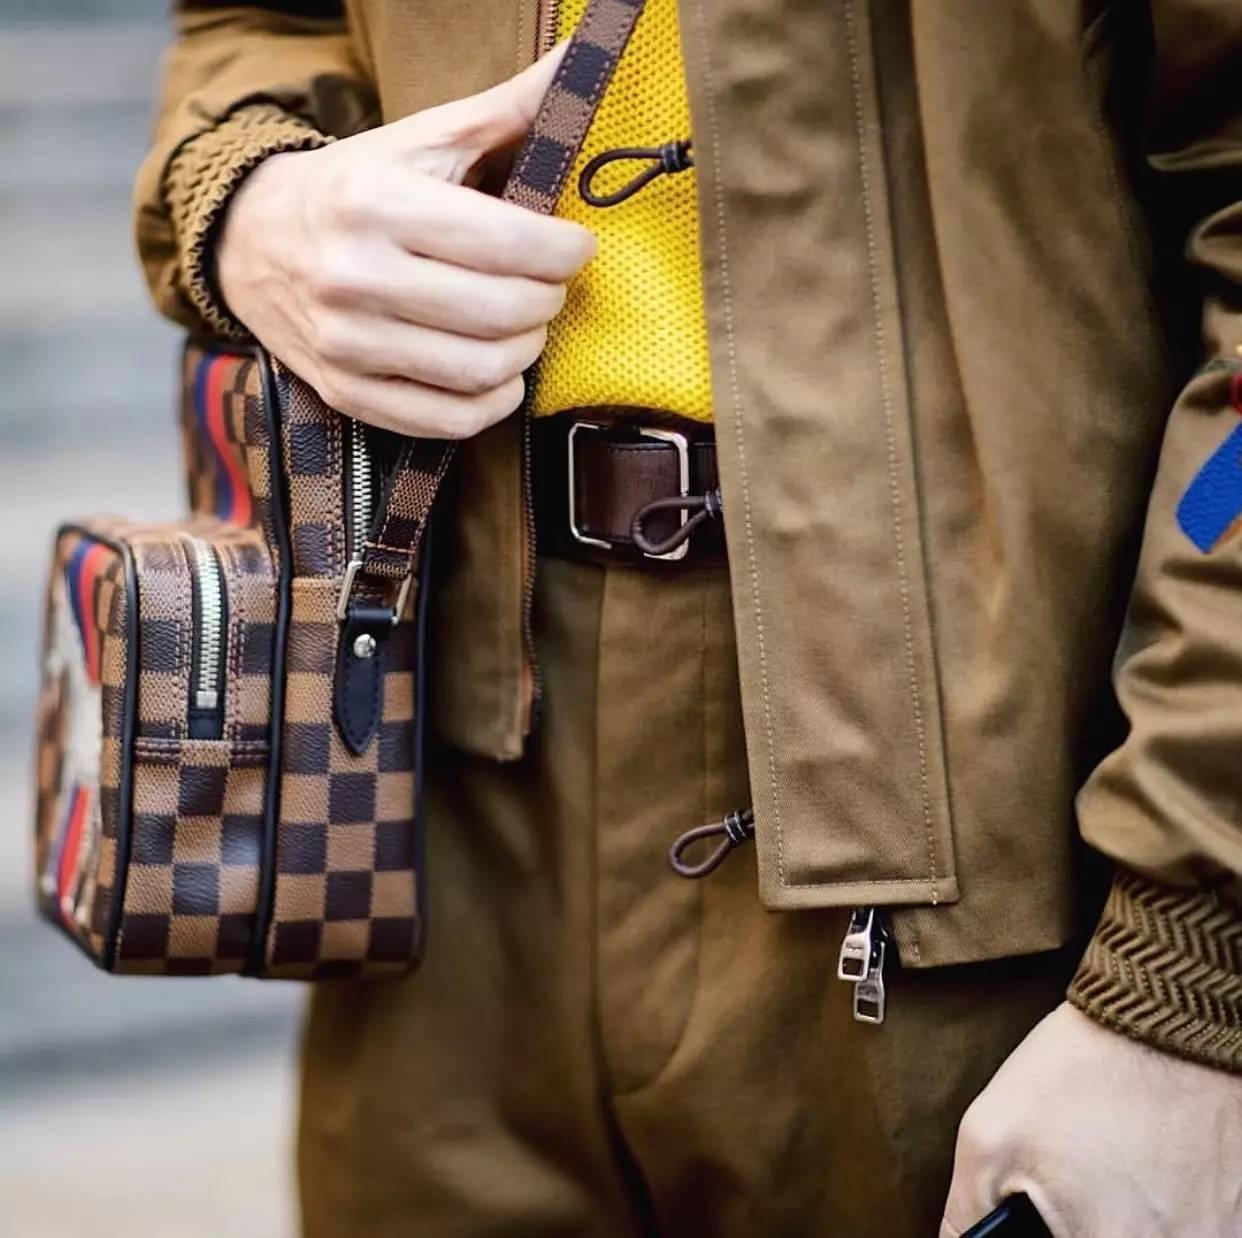 男人背小包真的就很娘吗?男士也很流行背小包 男士时尚 图13